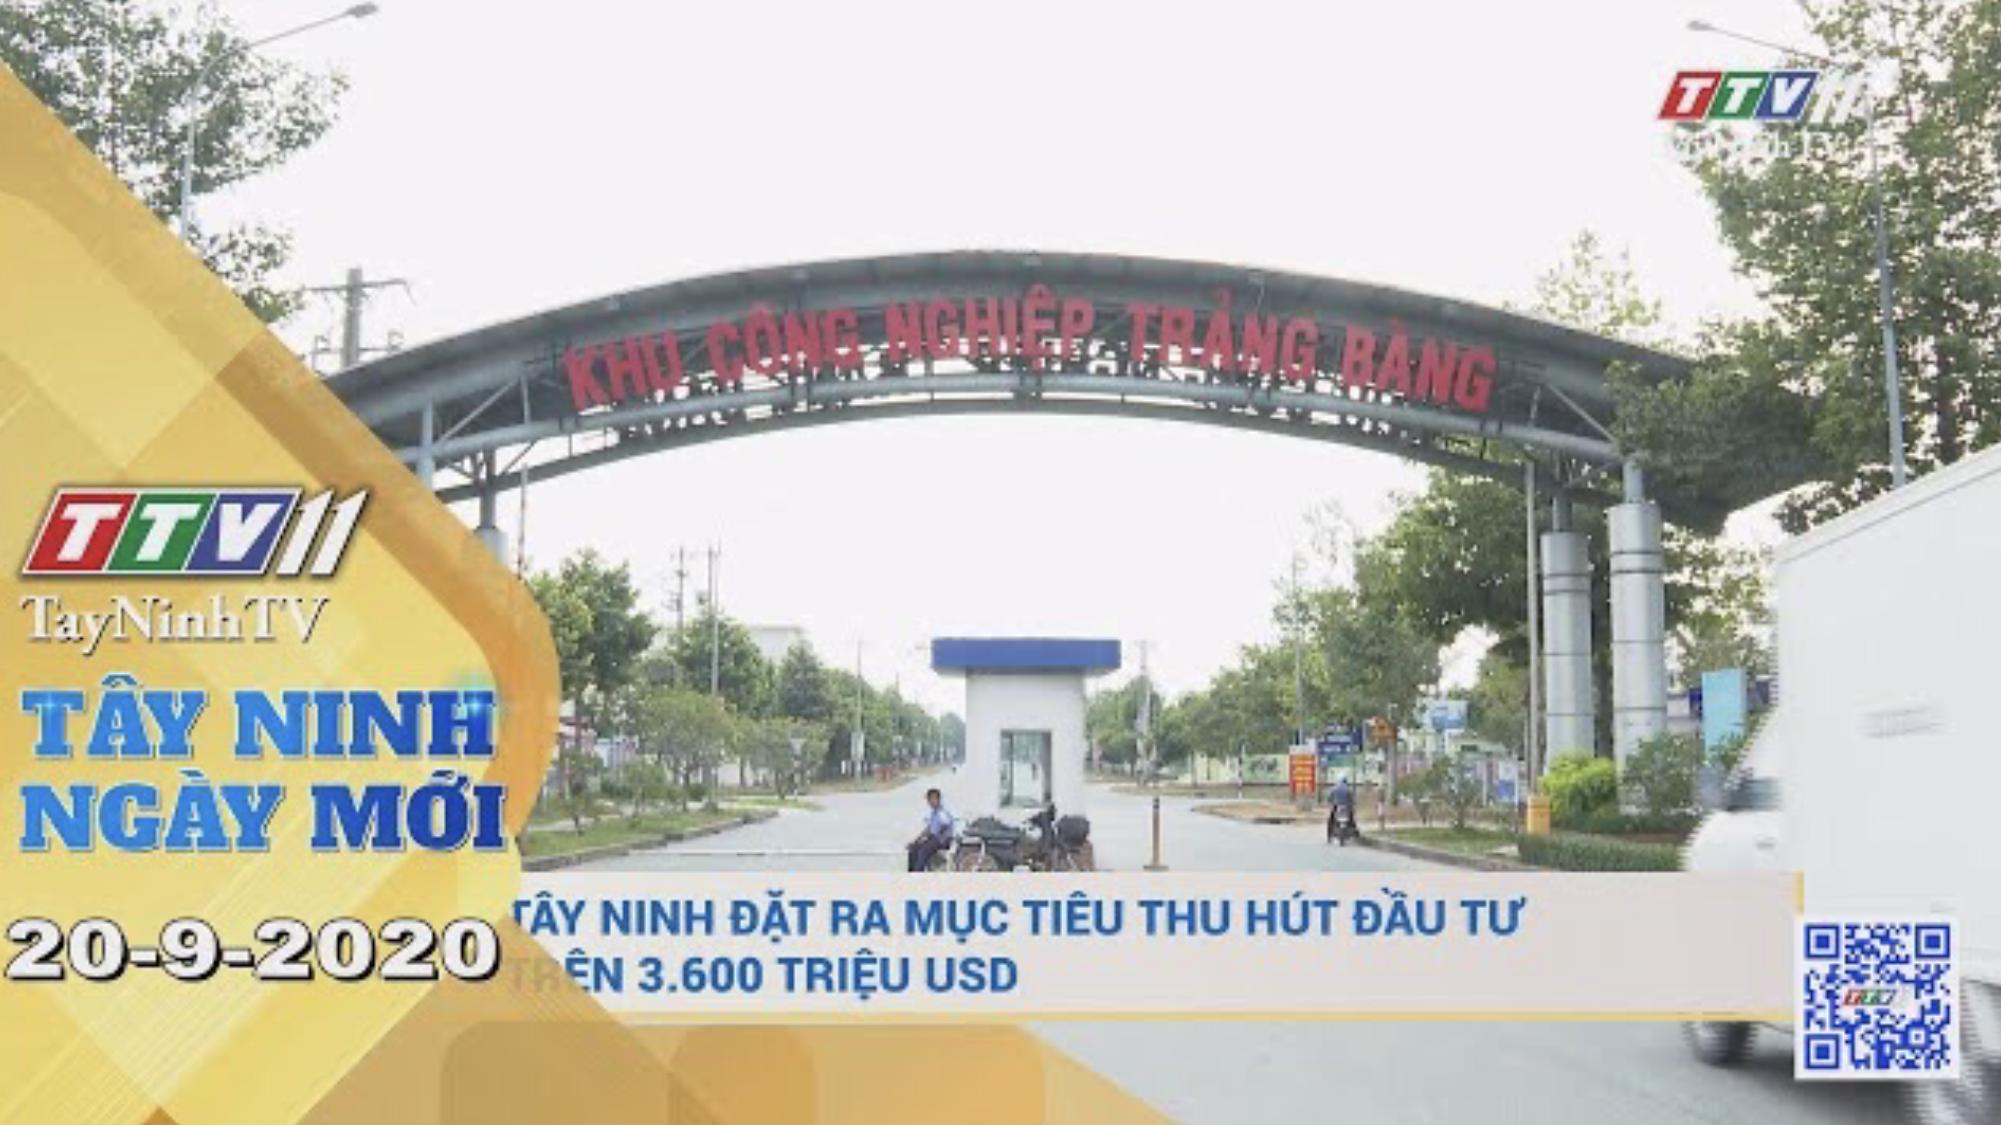 Tây Ninh Ngày Mới 21-9-2020 | Tin tức hôm nay | TayNinhTV